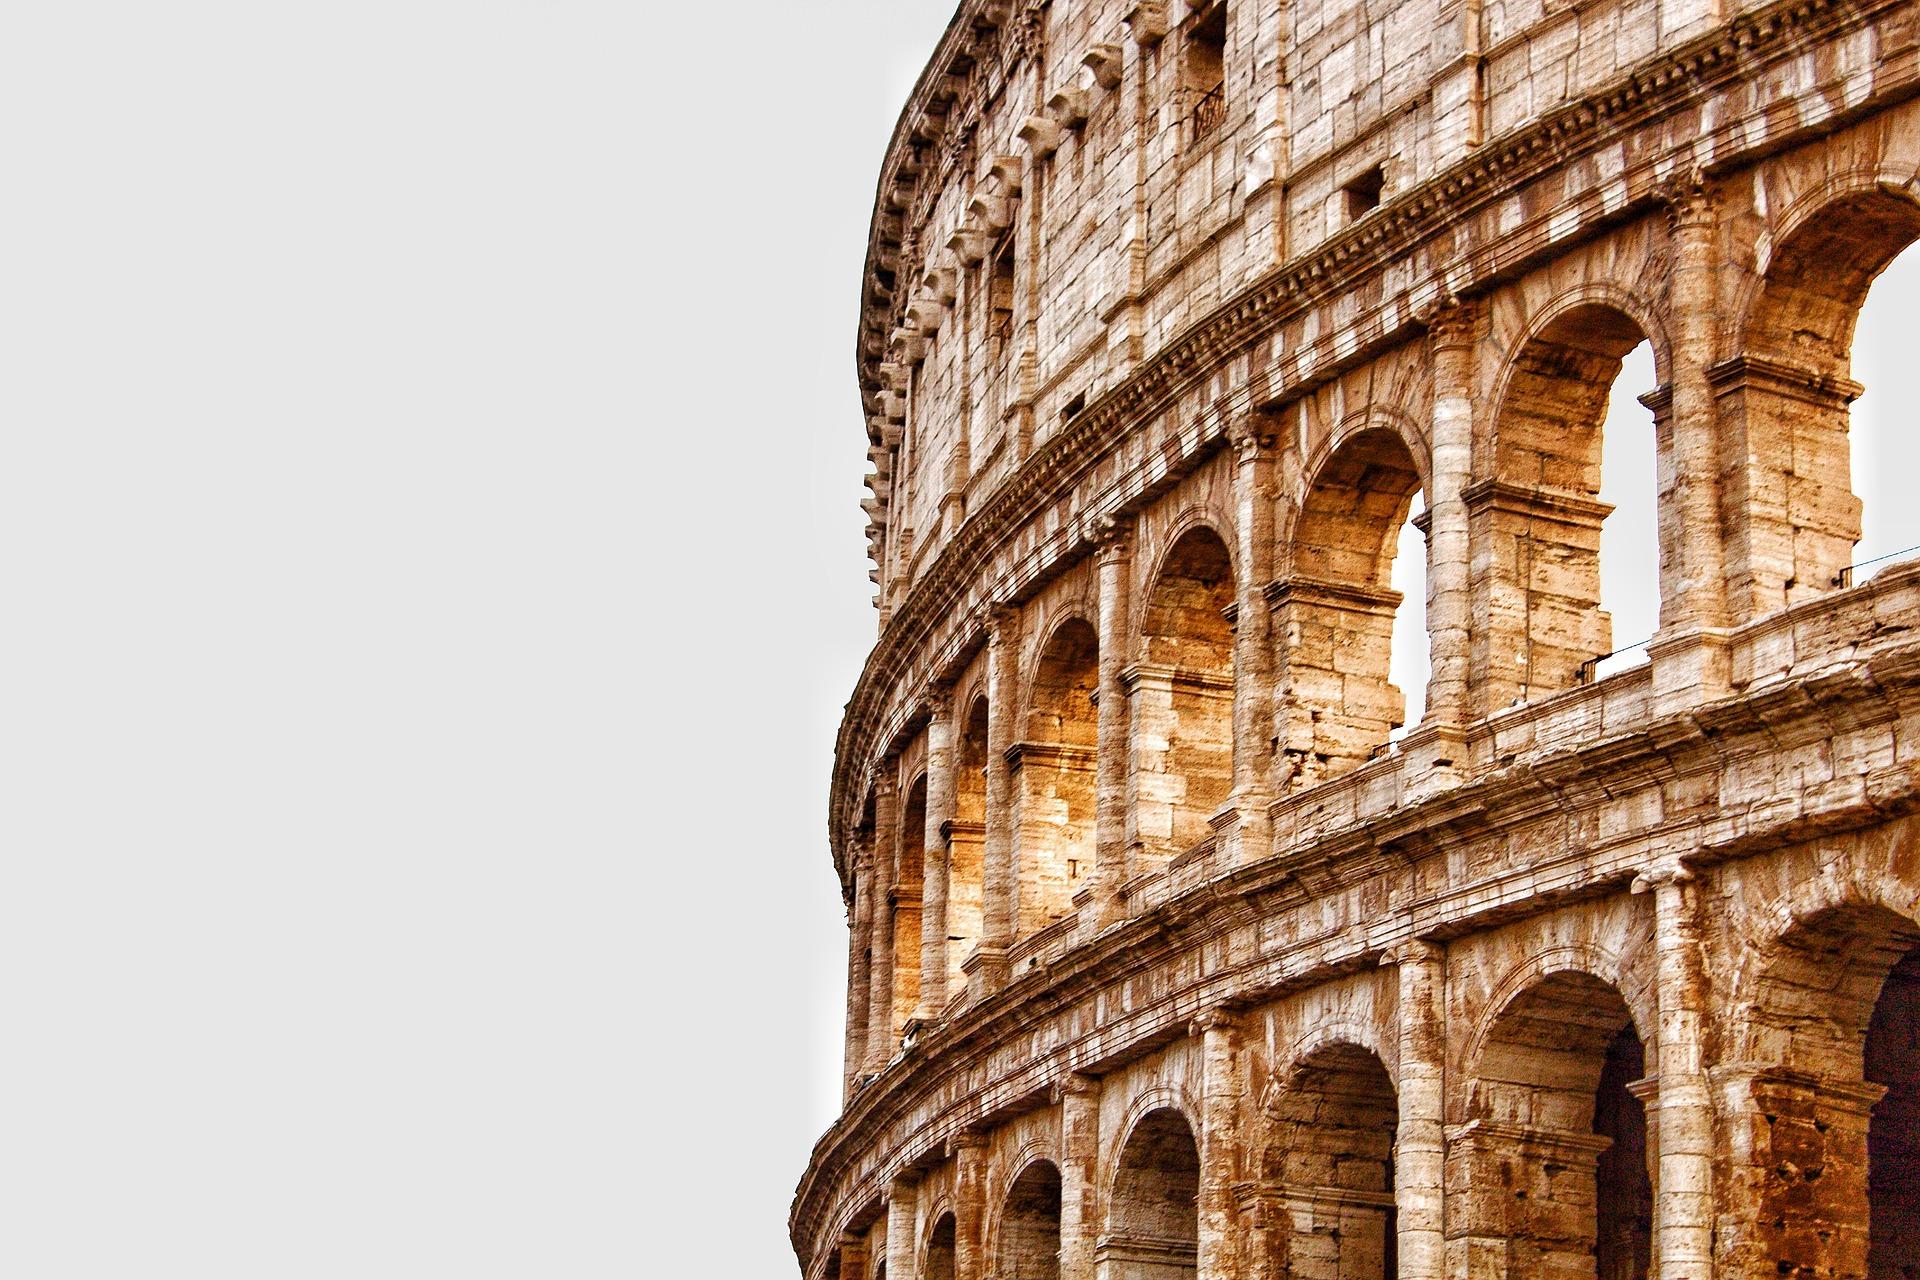 Vacanze Con Il Cane A Roma - Cosa Vedere E Dove Soggiornare Con Tuo ...